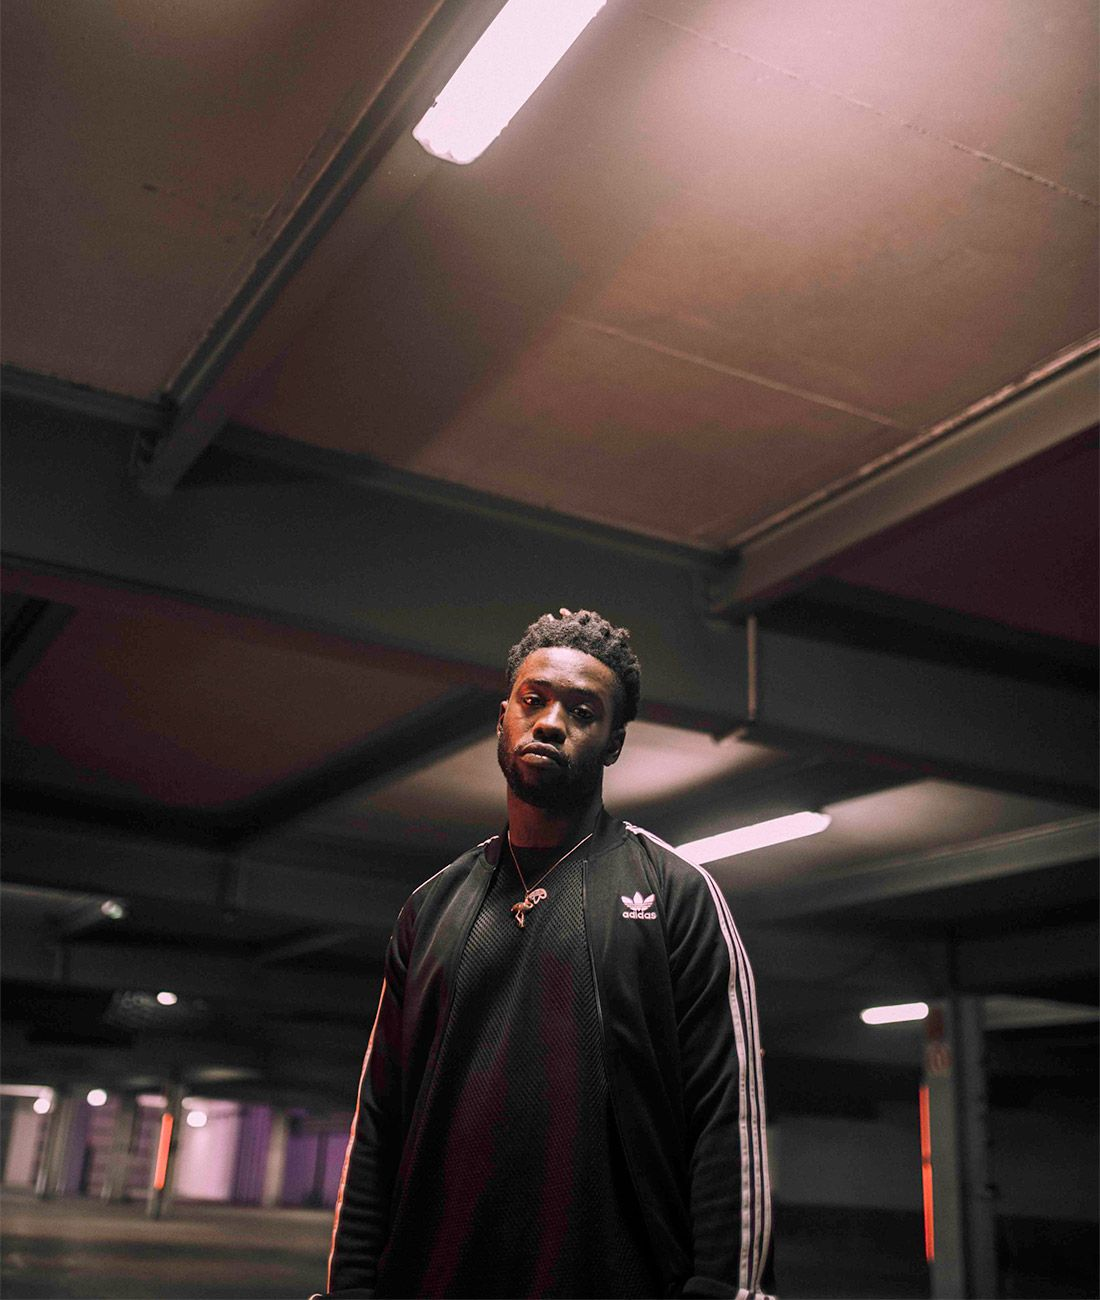 Adidas Prophere Paris France Jokair Sneaker Freaker 1